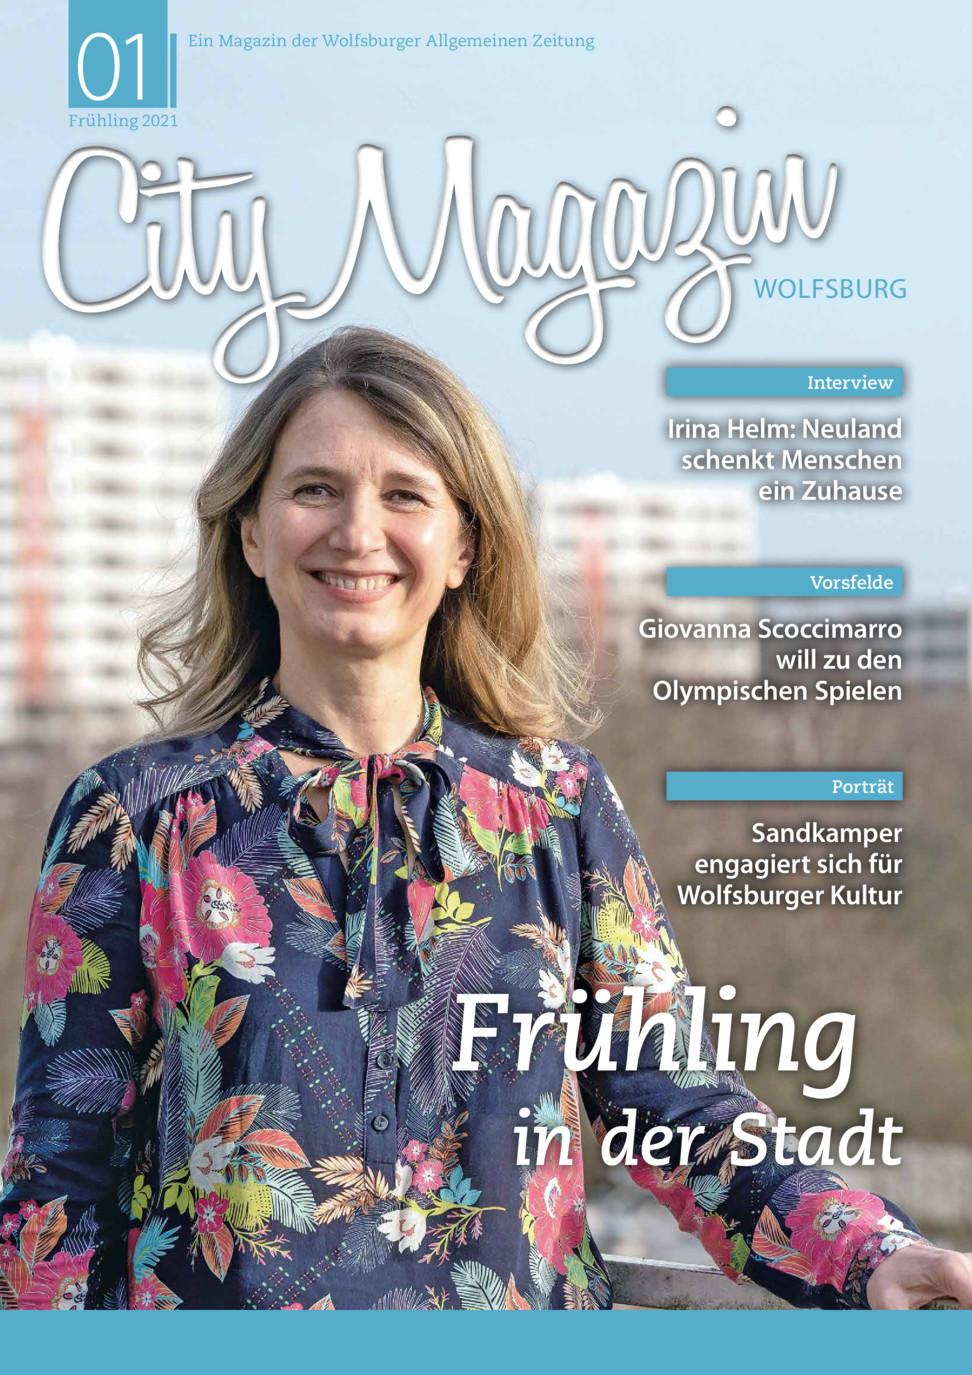 City Magazin Wolfsburg